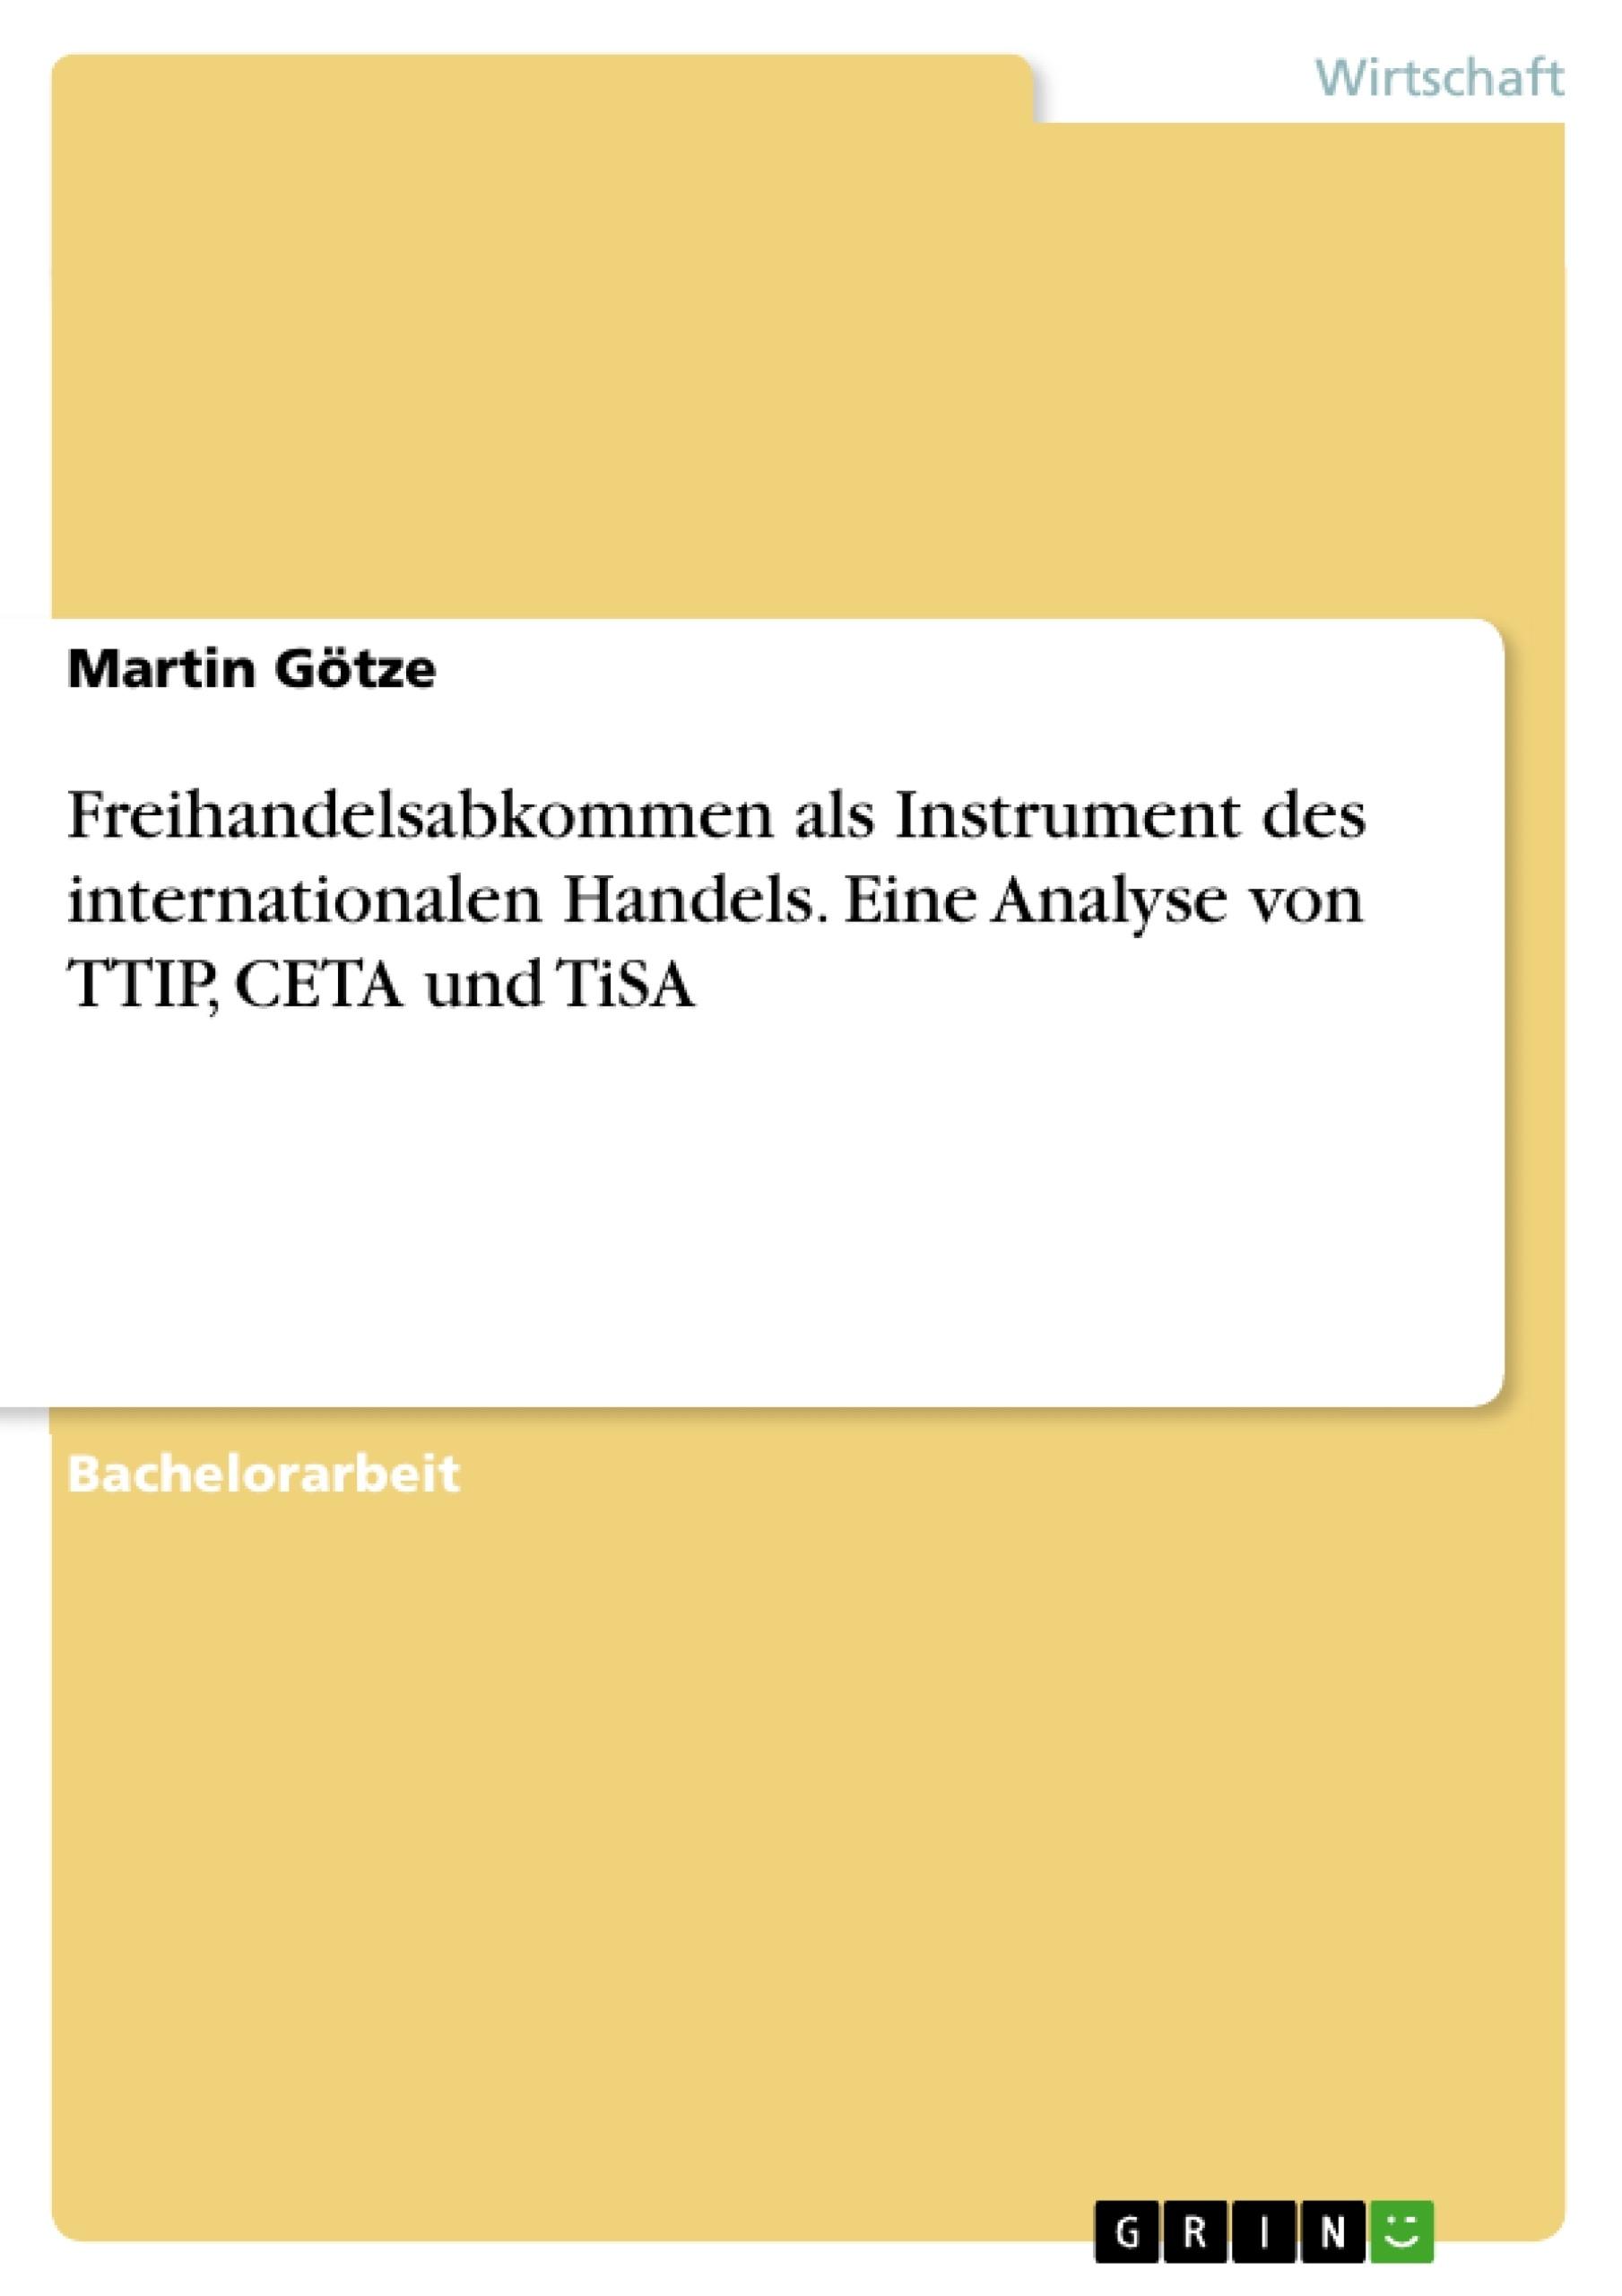 Titel: Freihandelsabkommen als Instrument des internationalen Handels. Eine Analyse von TTIP, CETA und TiSA